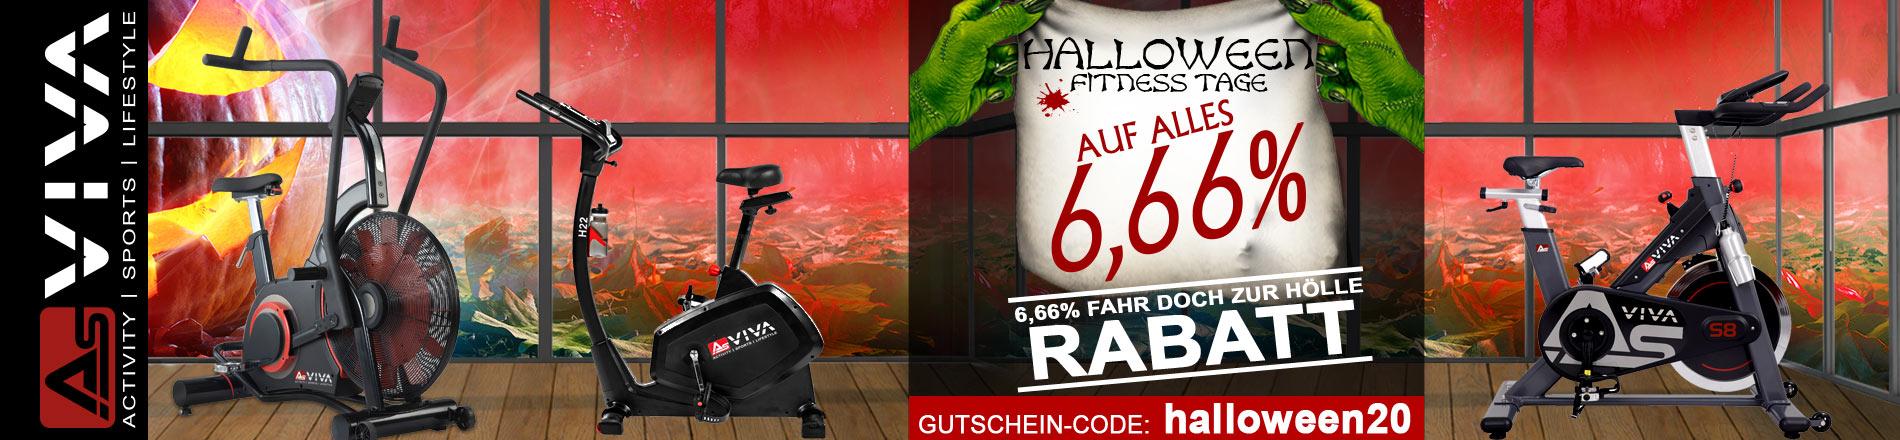 6,66% Halloween-Gutschein für Fitnessgeräte, E-Bikes, E-Scooter, Keramikgrilss und Gartenmöbel